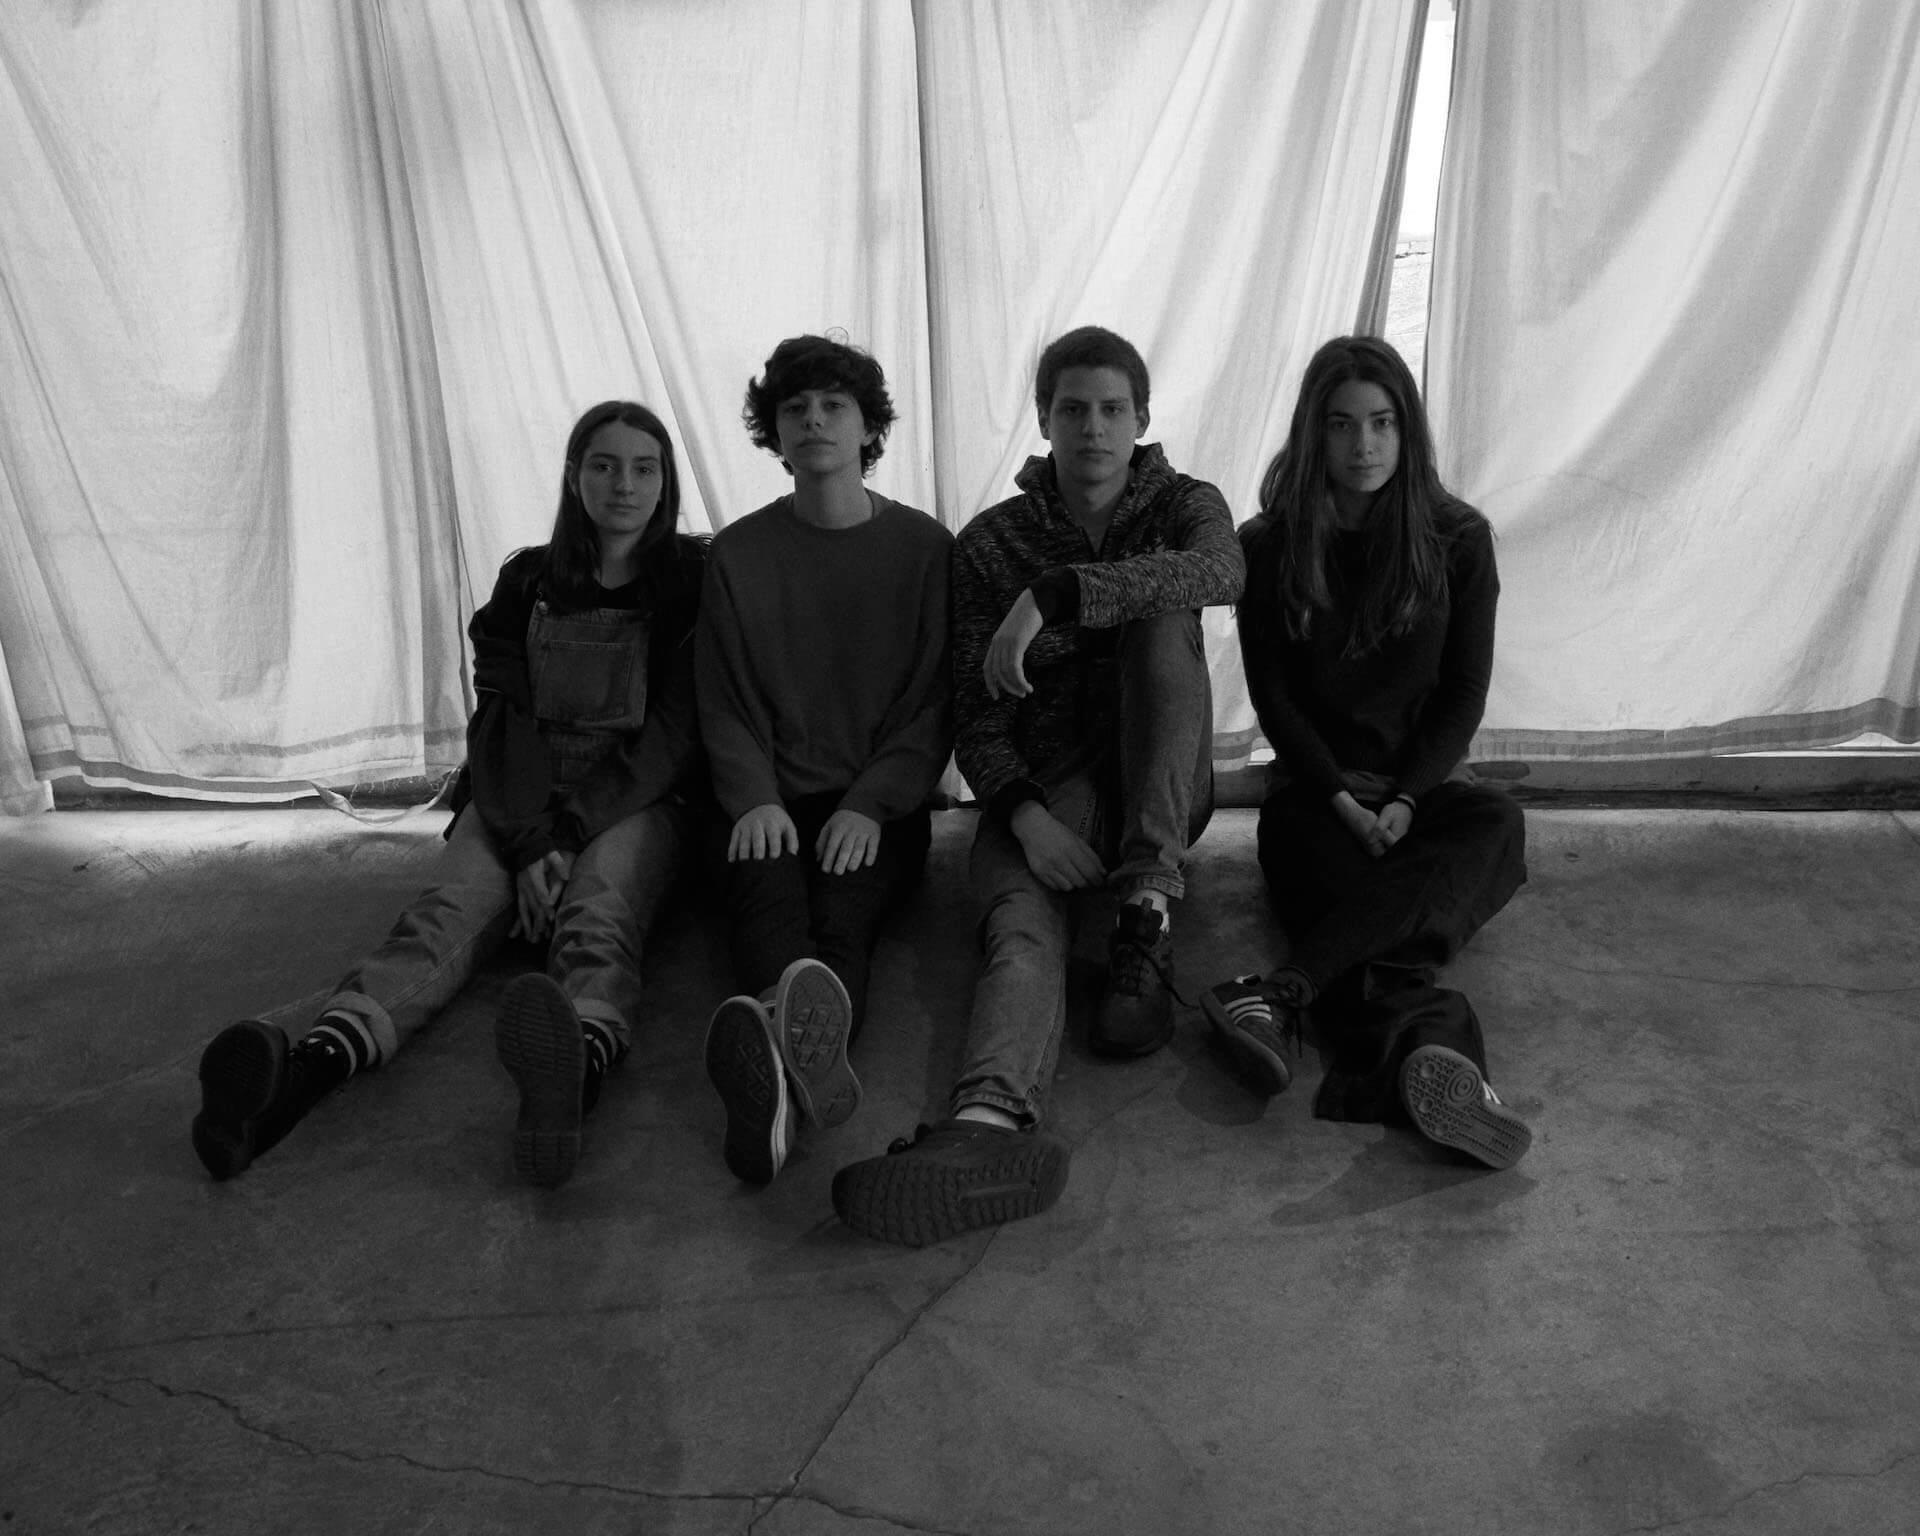 MOURN インタビュー|進化し続けるバルセロナの若き才能、感性と葛藤を紐解く interview190417-mourn-2